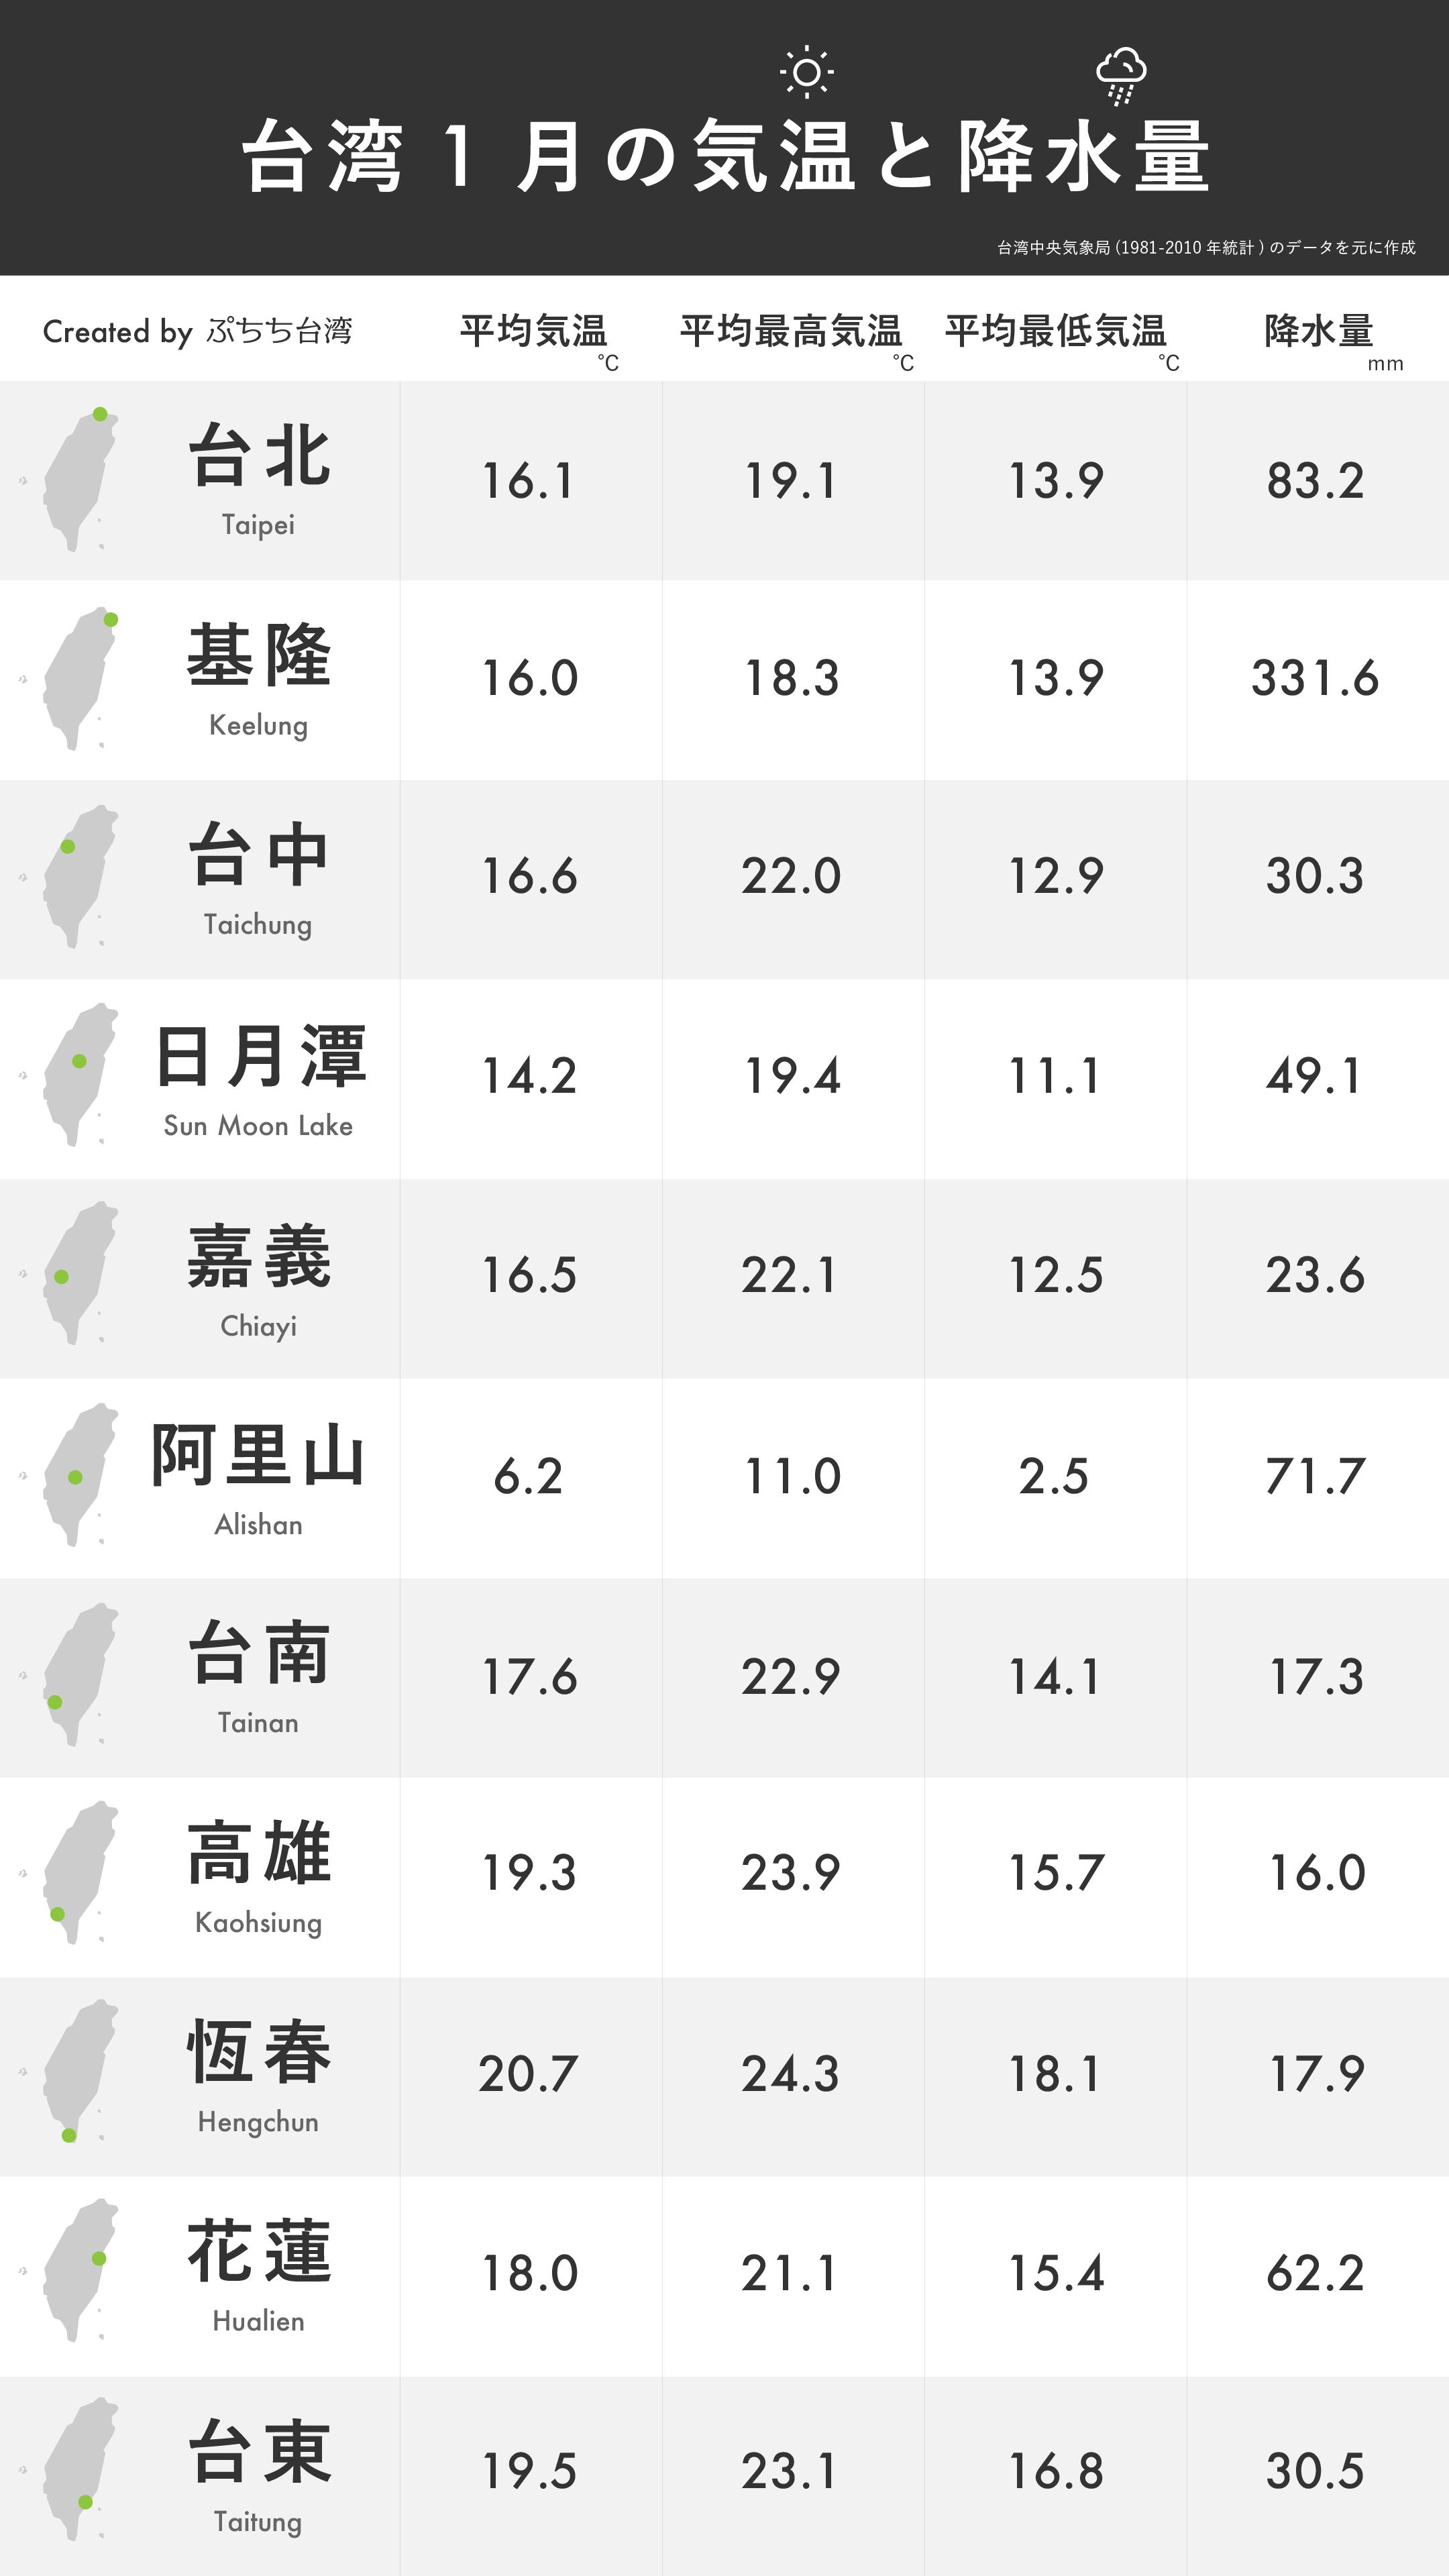 台湾1月の平均気温・平均最高気温・平均最低気温・降水量